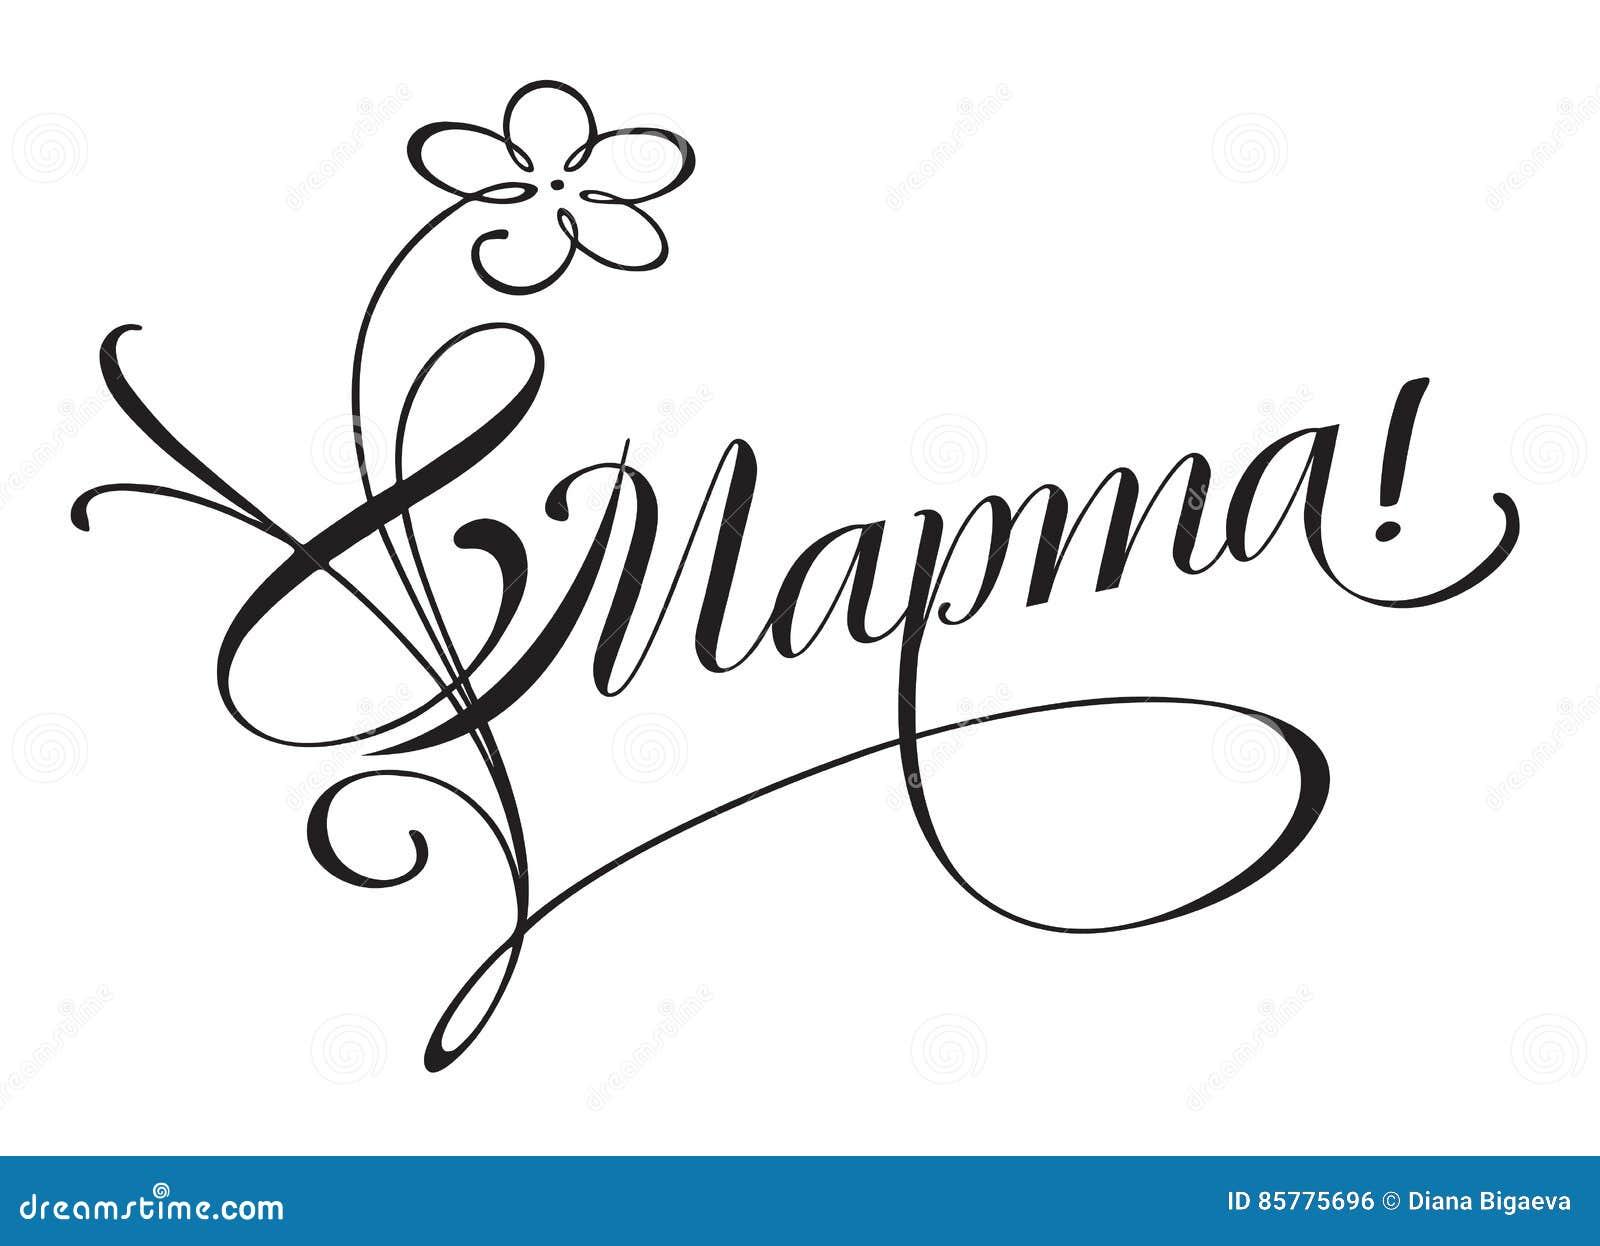 Строчка с праздником 8 марта черным шрифтом